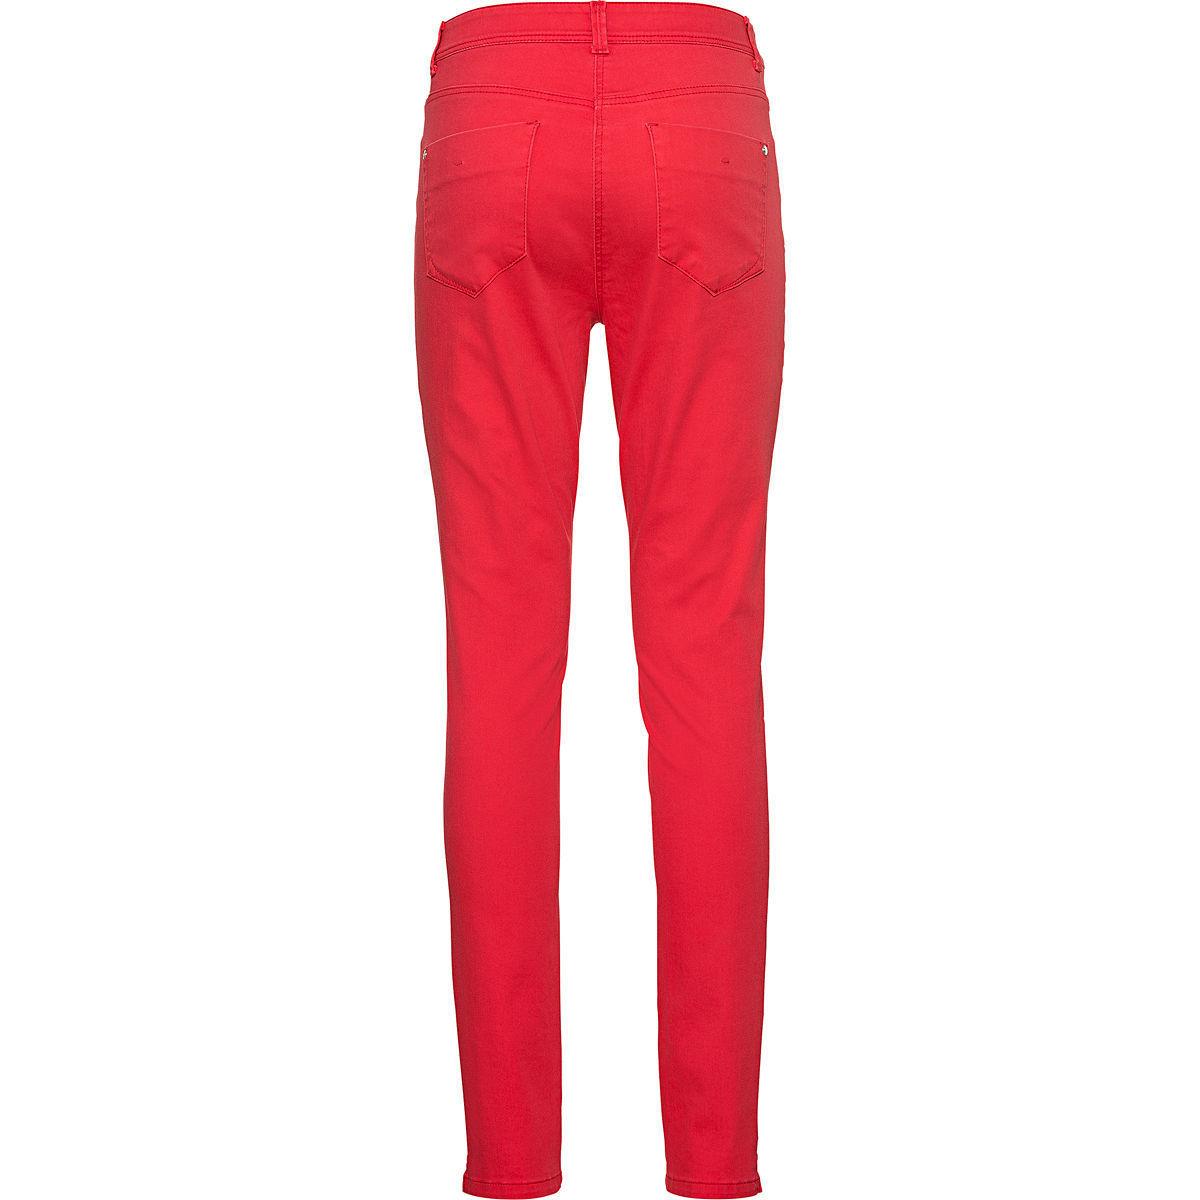 Bild 2 von Adagio Damen 5-Pocket-Jeans